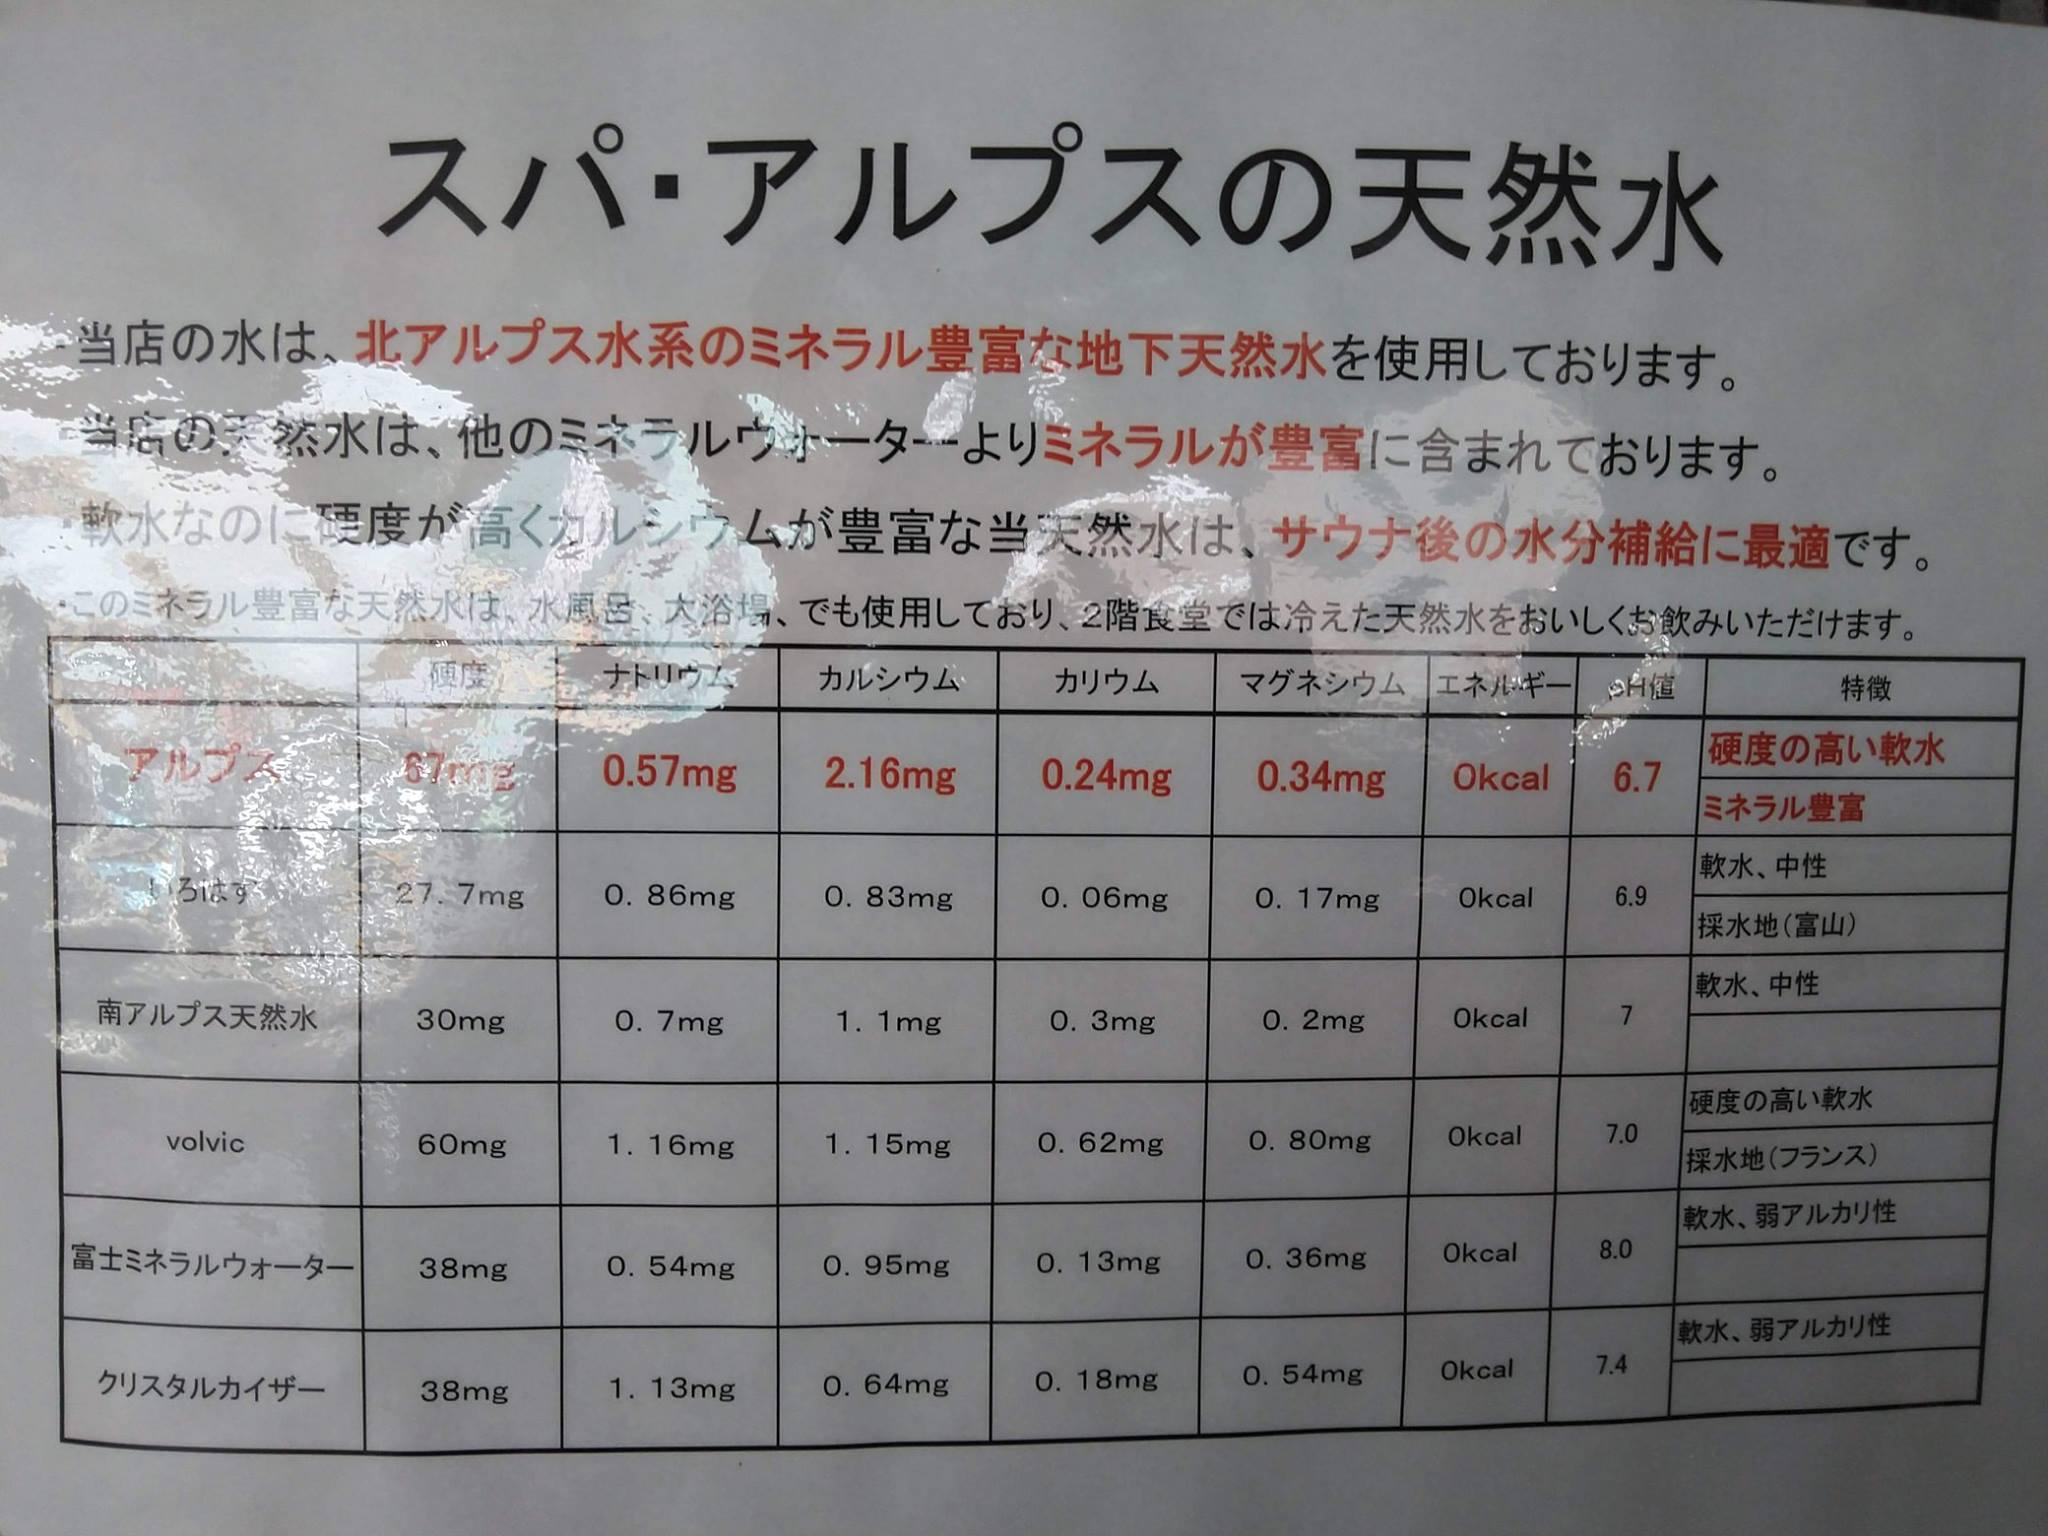 富山「スパ・アルプス」天然水の成分比較表画像